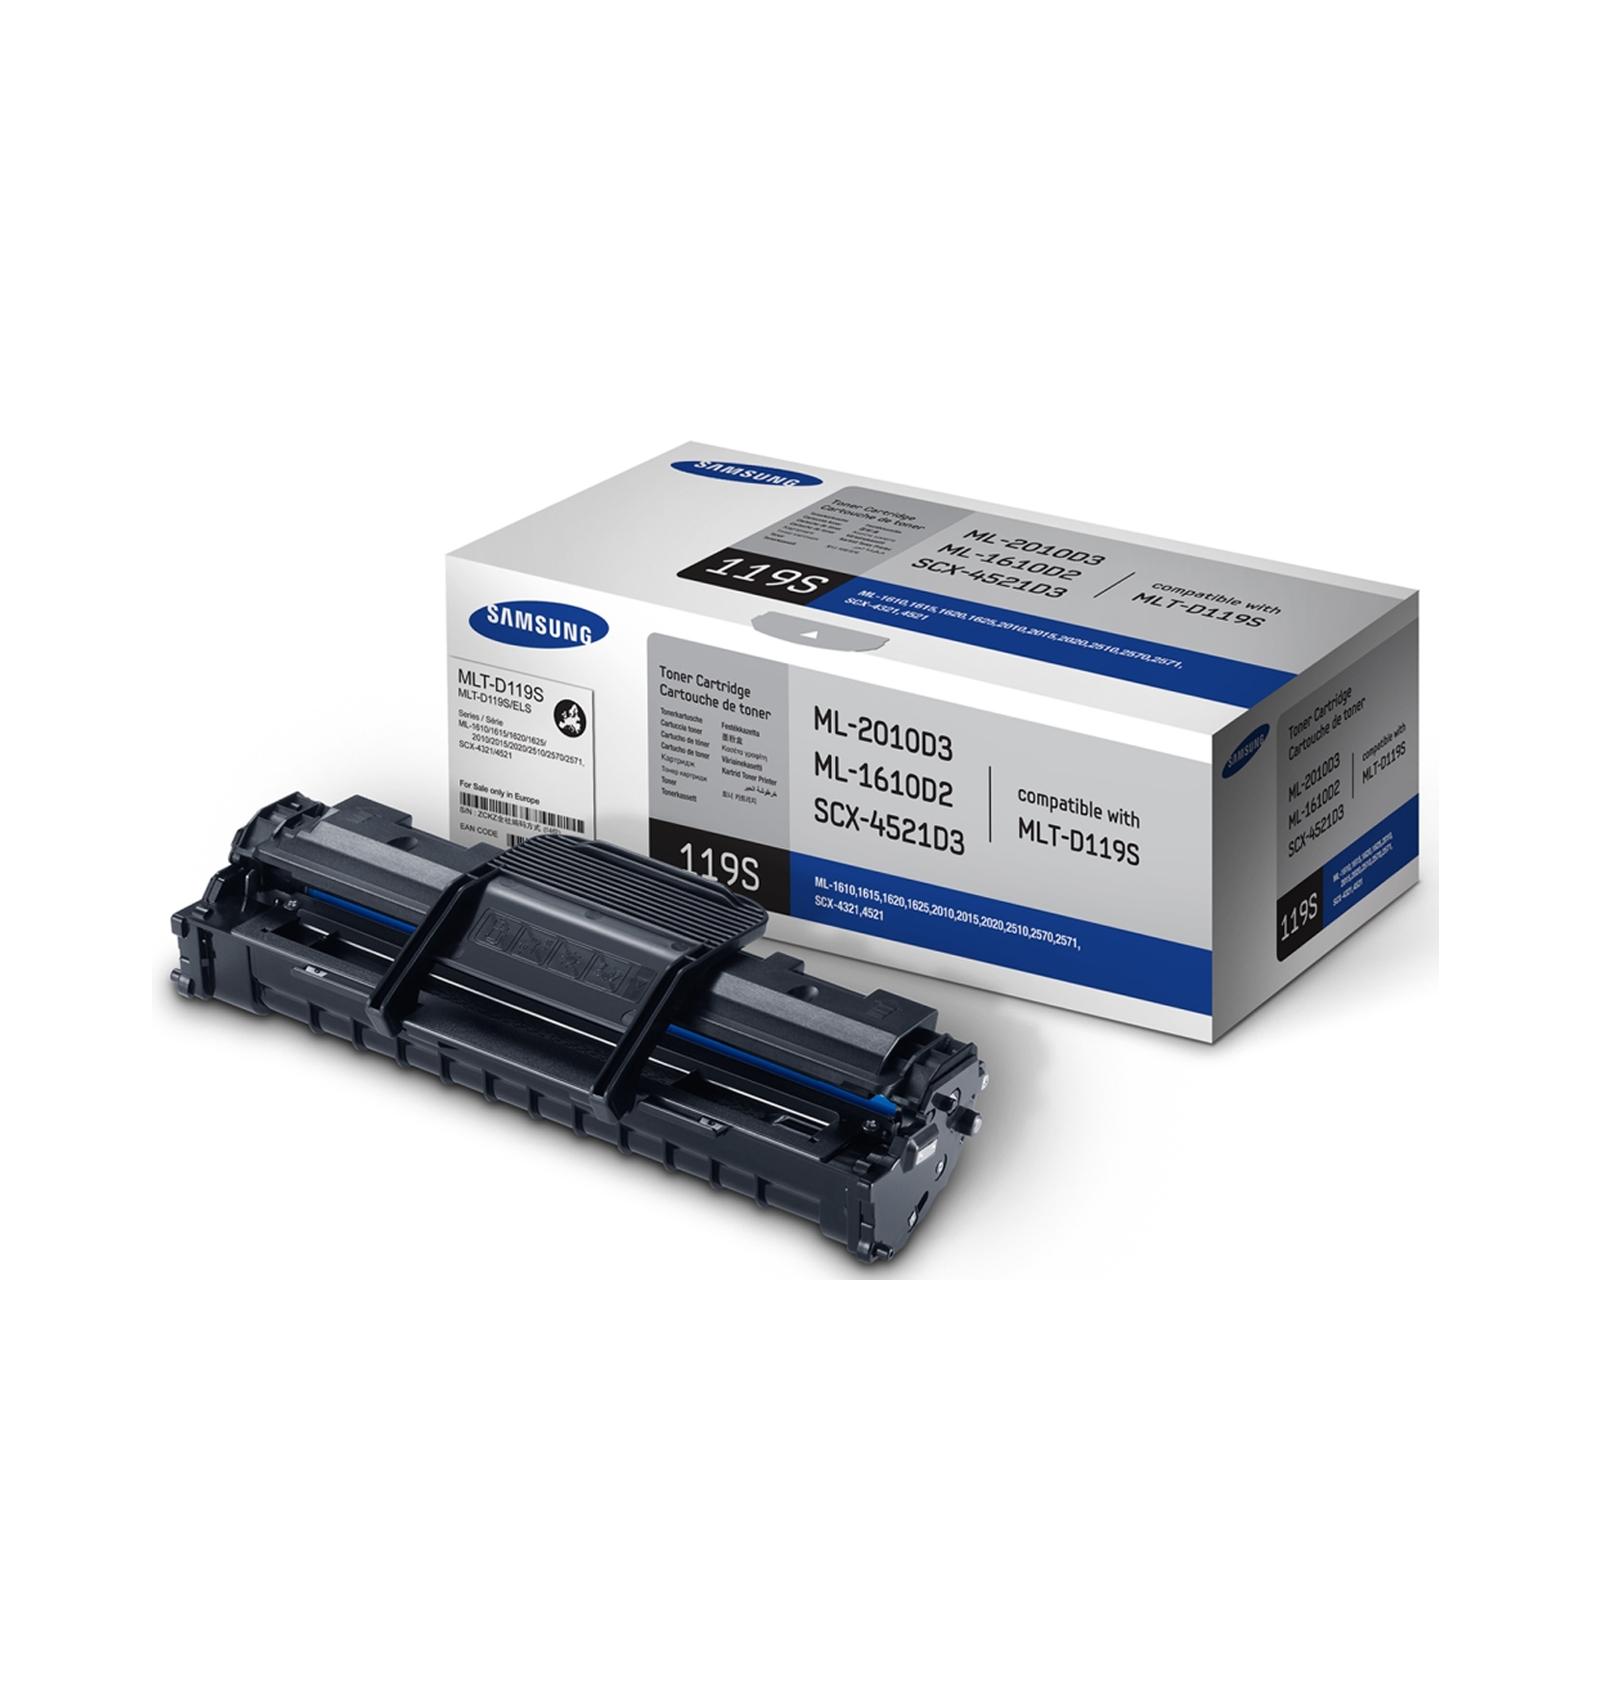 Заправка картриджей Samsung MLT-D119S для ML-1610/1615/1620/1625/2010/2015/2020/2510/ 2570/2571/SCX-4321/4521